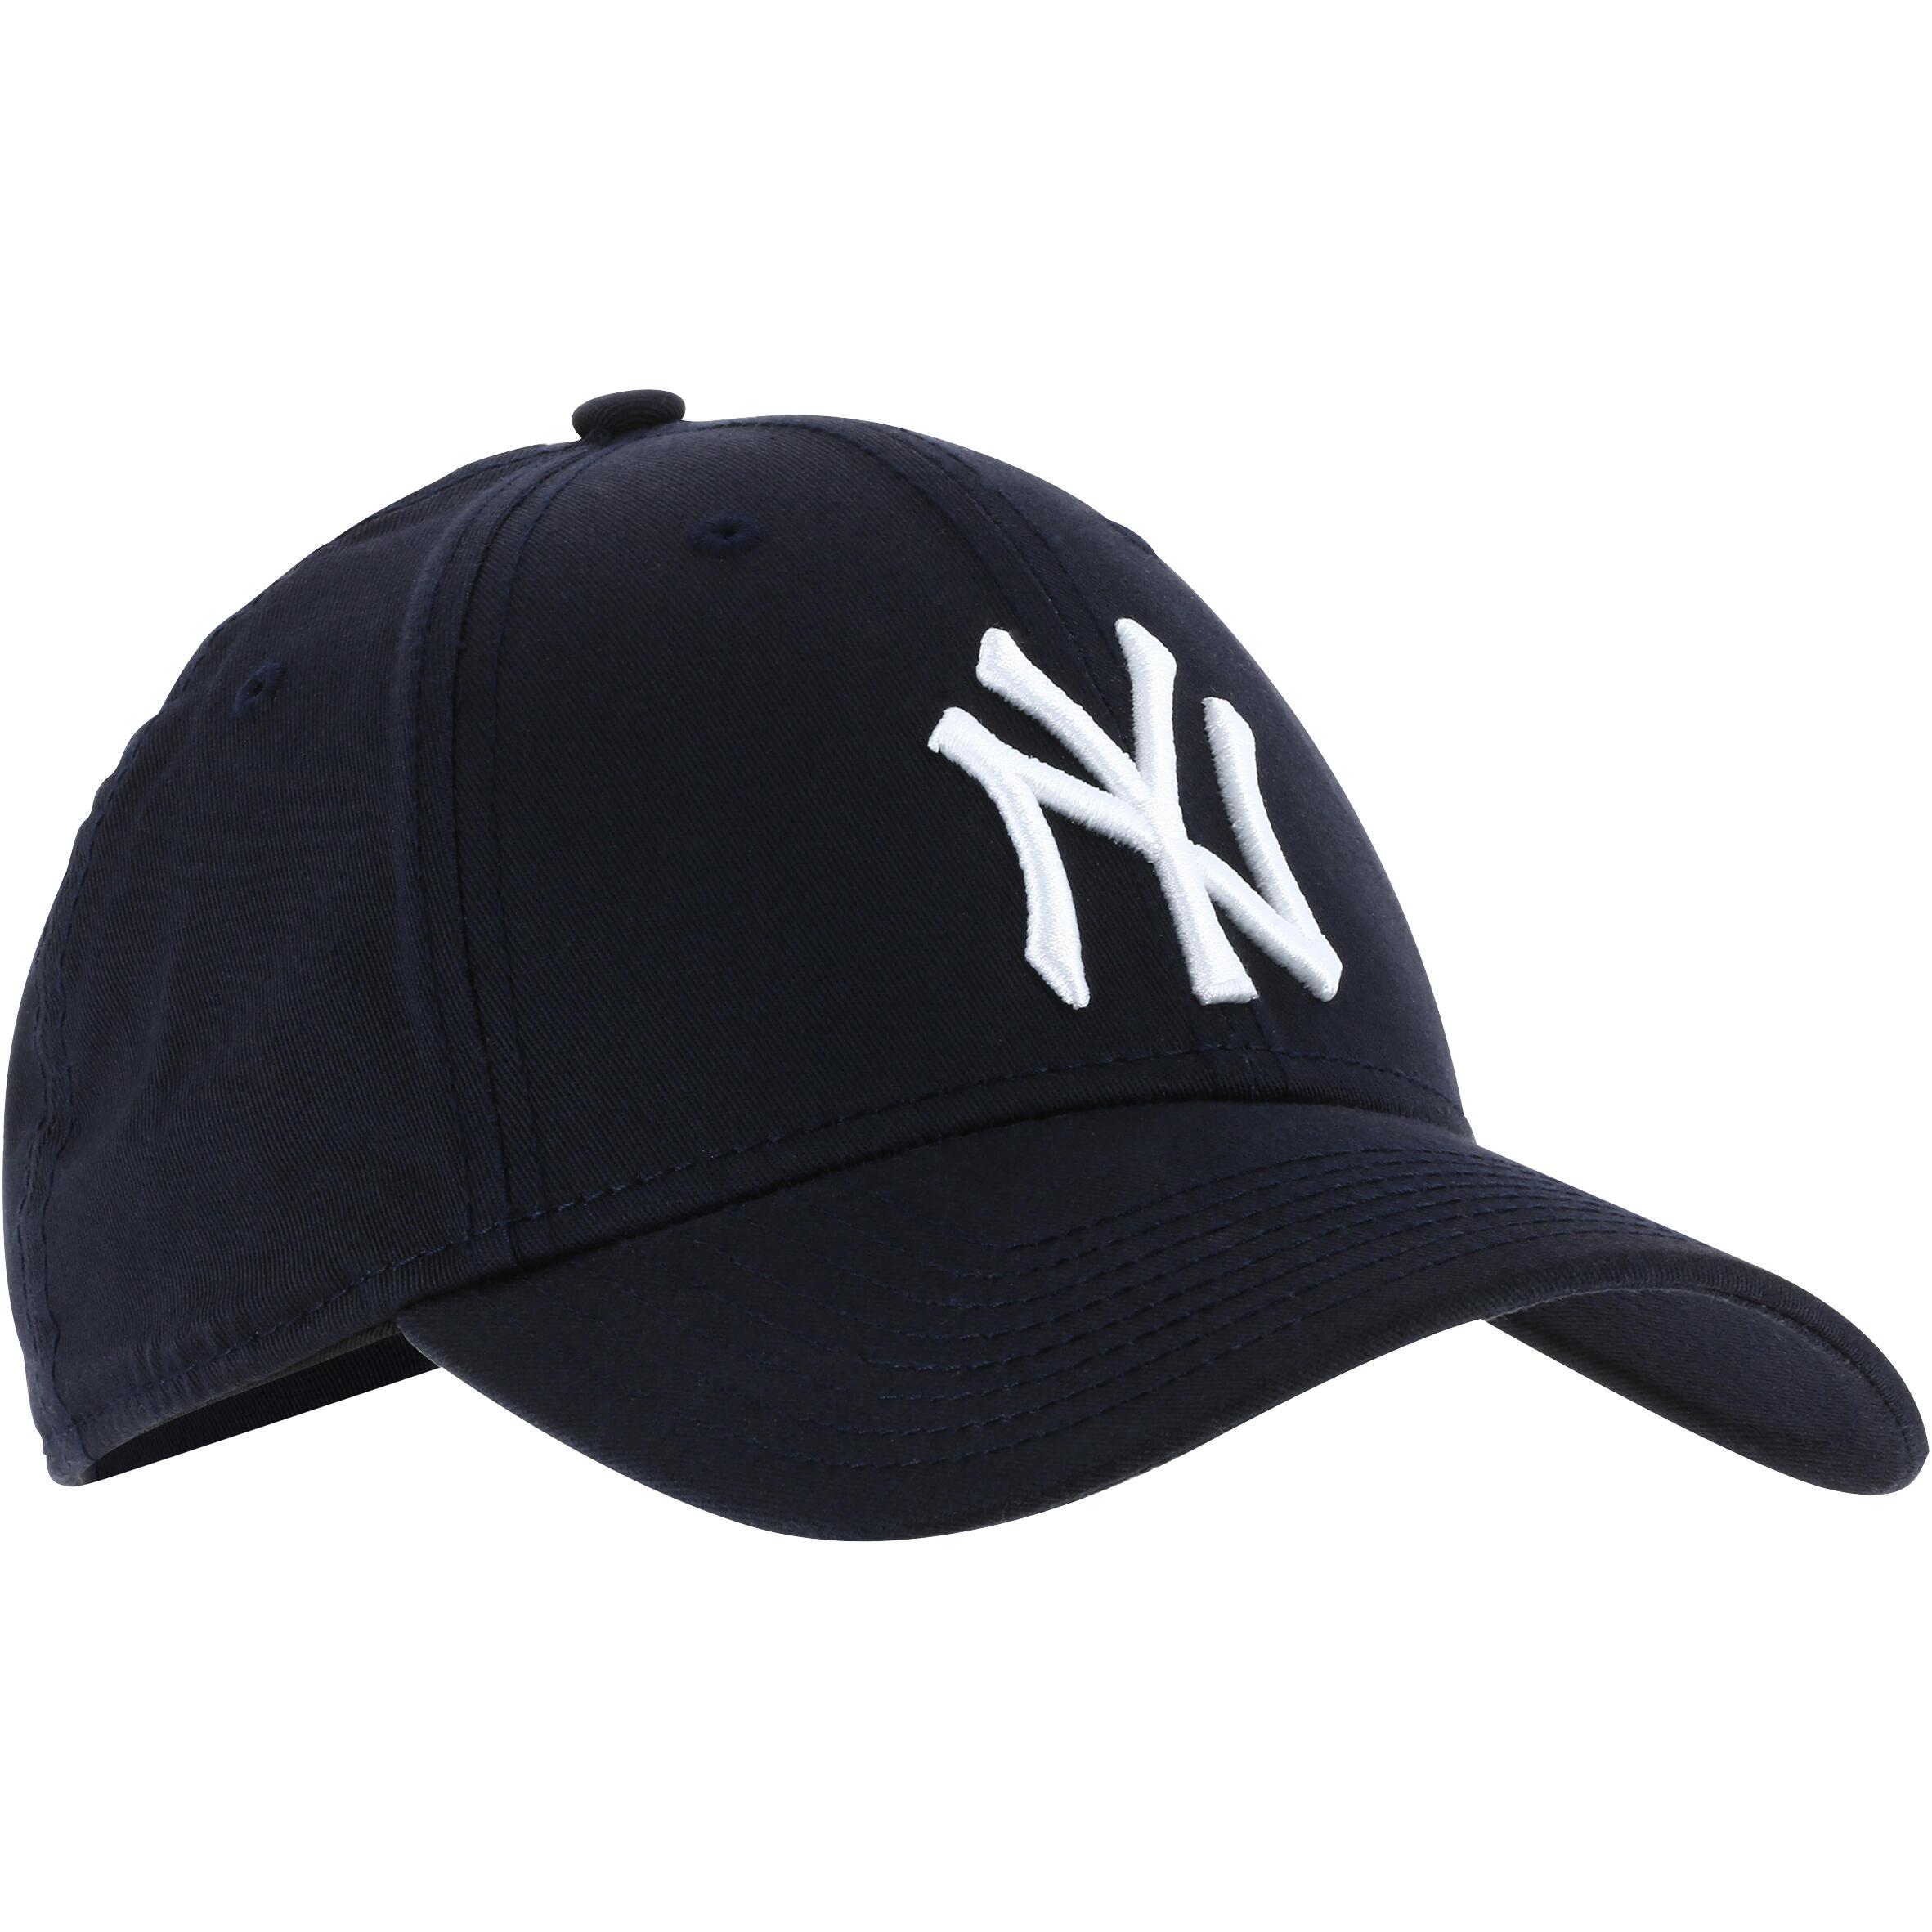 Comprar Pelotas y Bates de Beísbol y Softball  bdf8c7ead3e